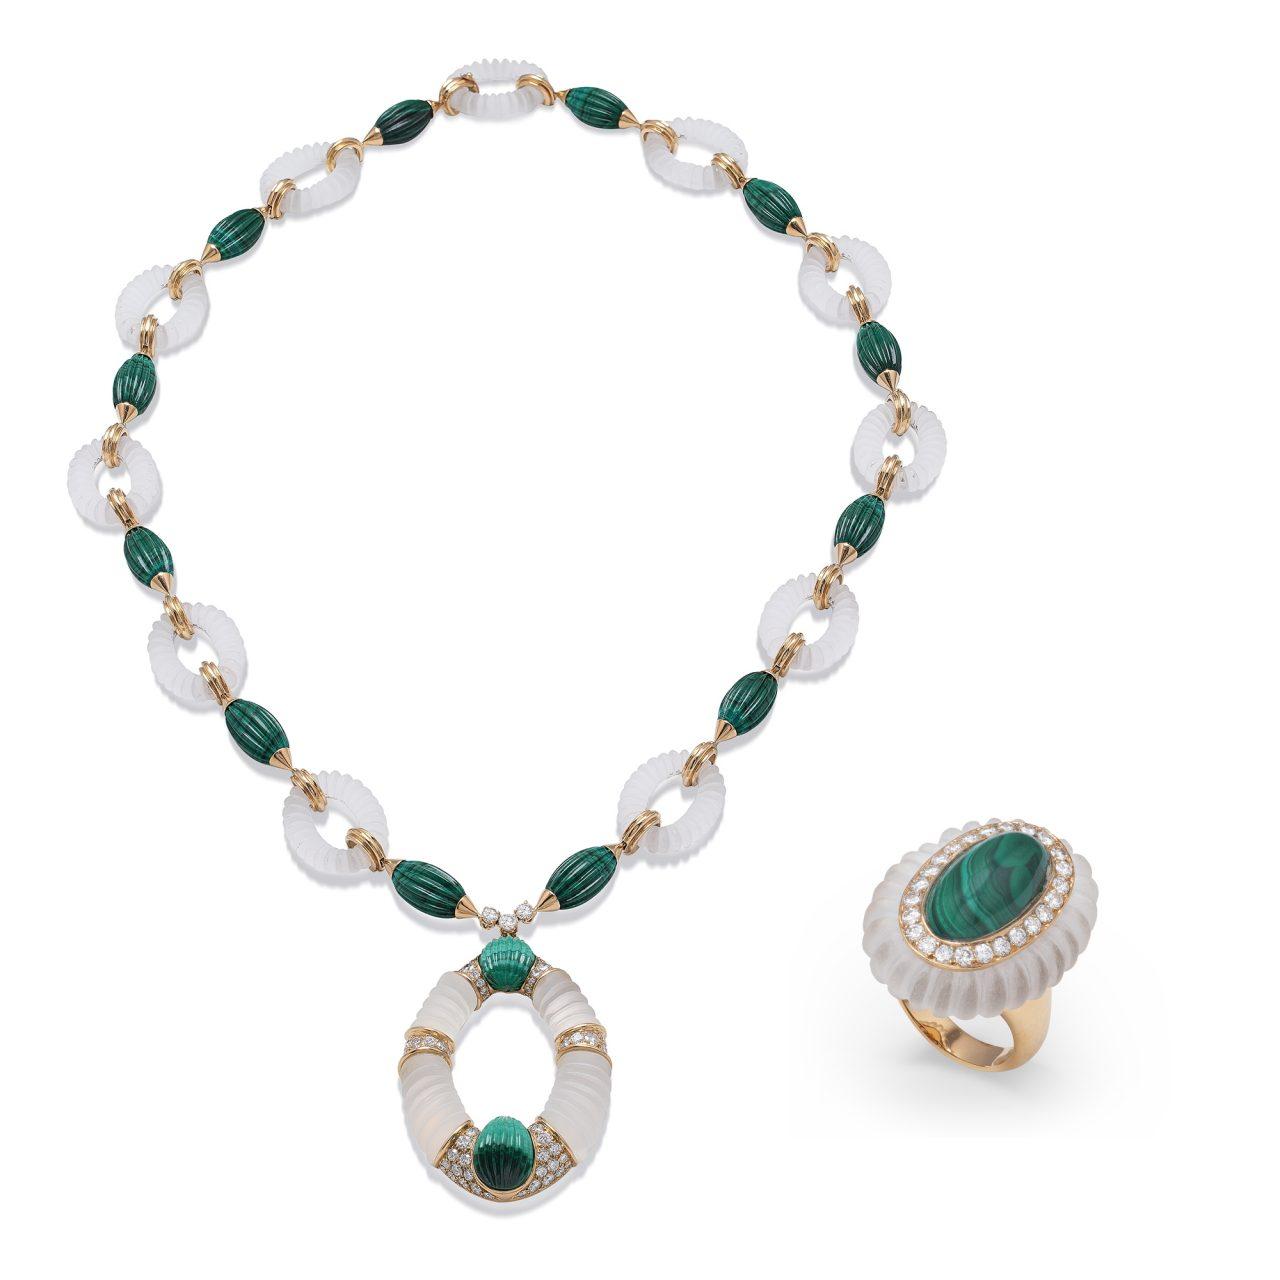 Collana e Anello di FRED in parure in Oro Giallo con Cristallo di Rocca, Malachite e Diamanti